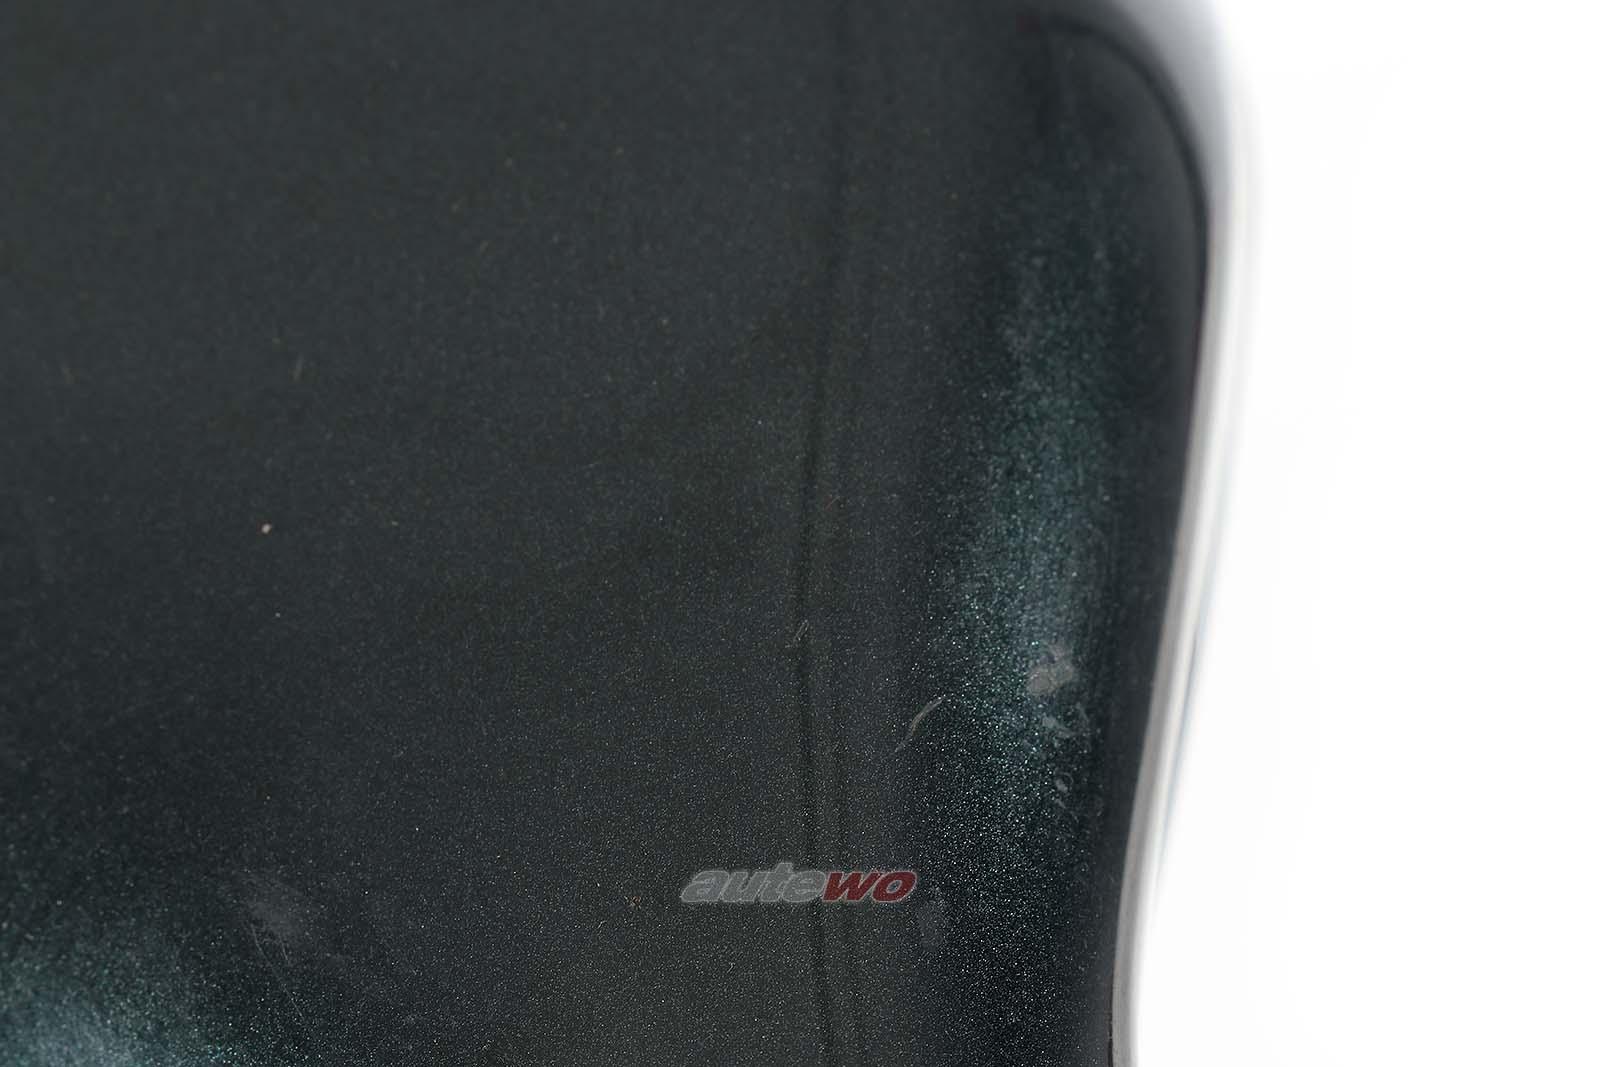 893857502H Audi 80/90/Coupe/Cabrio 89/B4 elektr. Außenspiegel Rechts grün